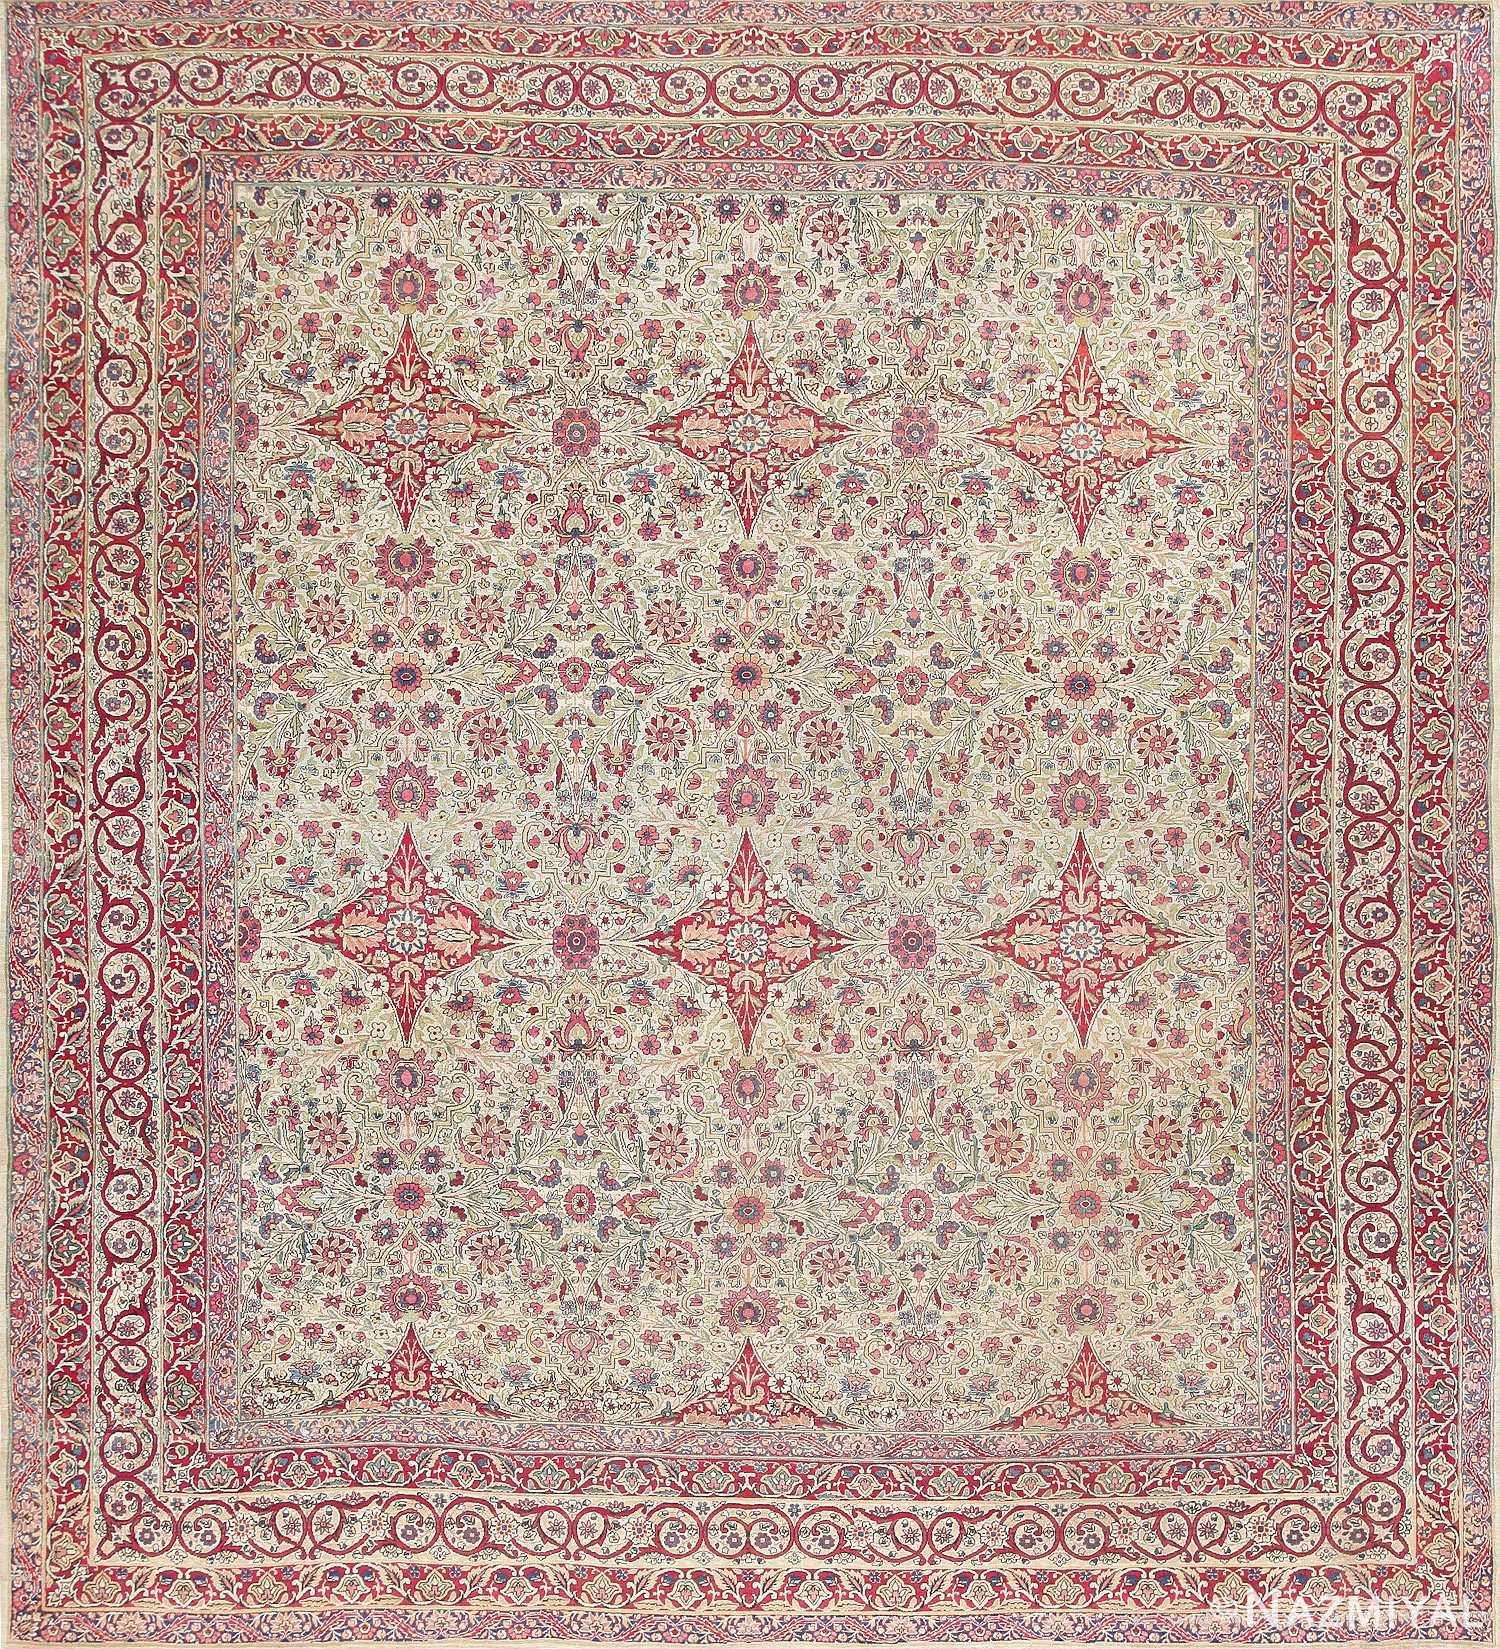 Antique Persian Kerman Carpet 47429 Large Image